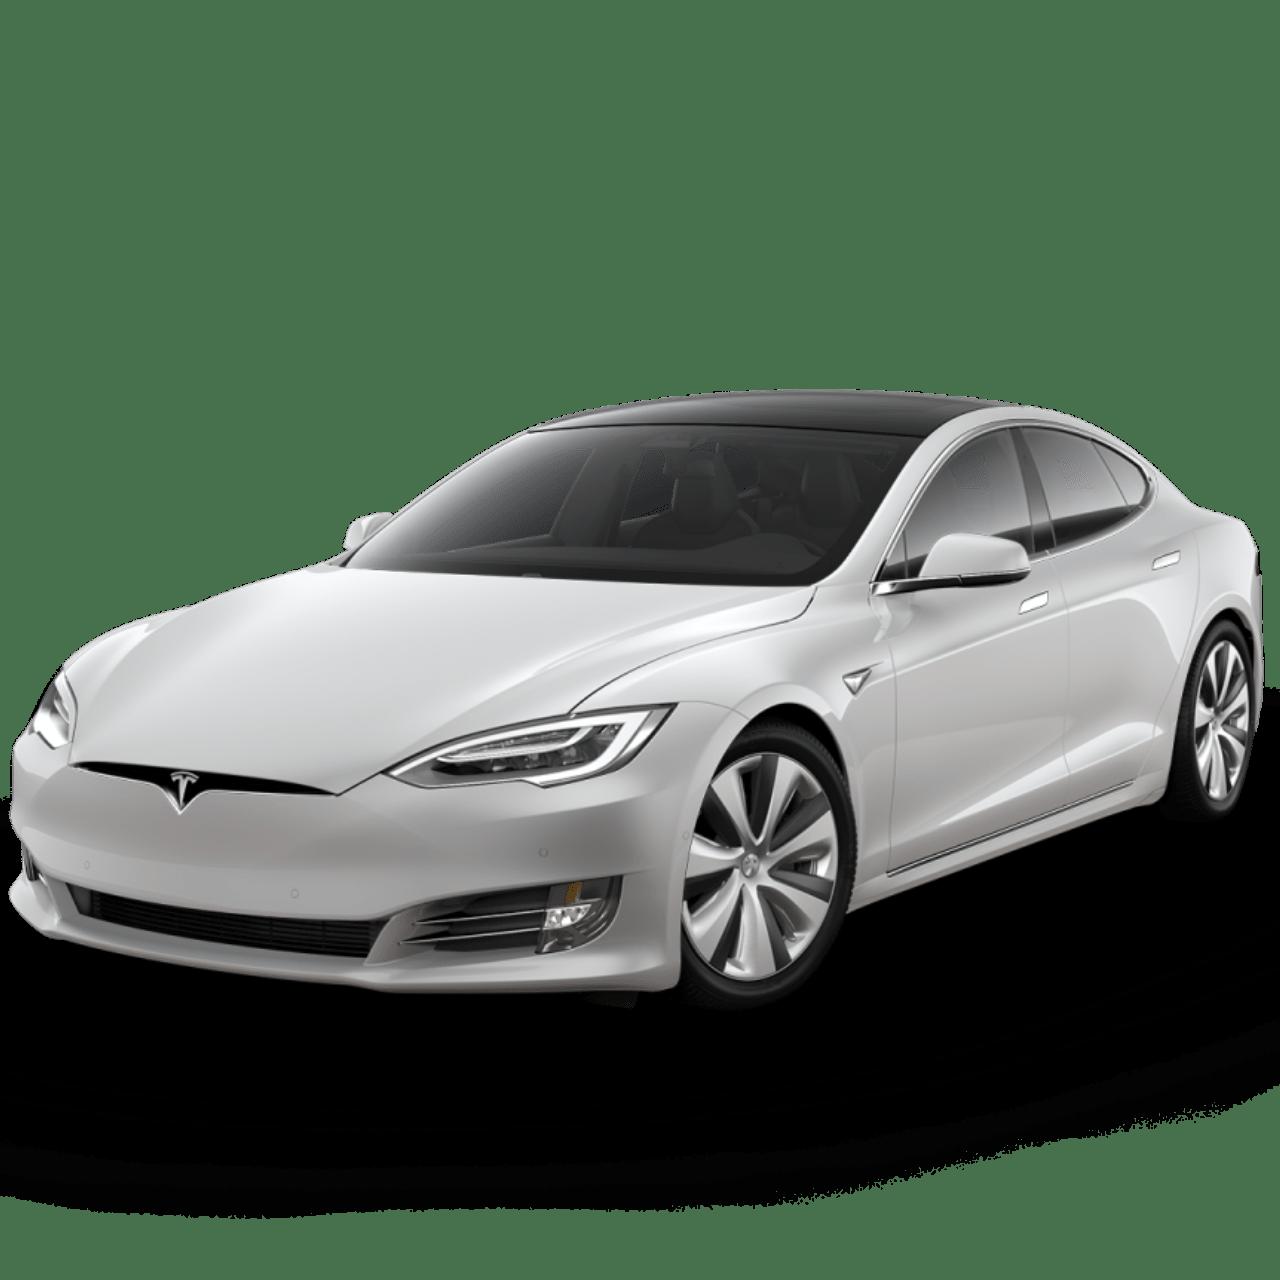 Impressionnante Tesla Model S Plaid, mots de passe nuls et Super Mario World – Tech'spresso